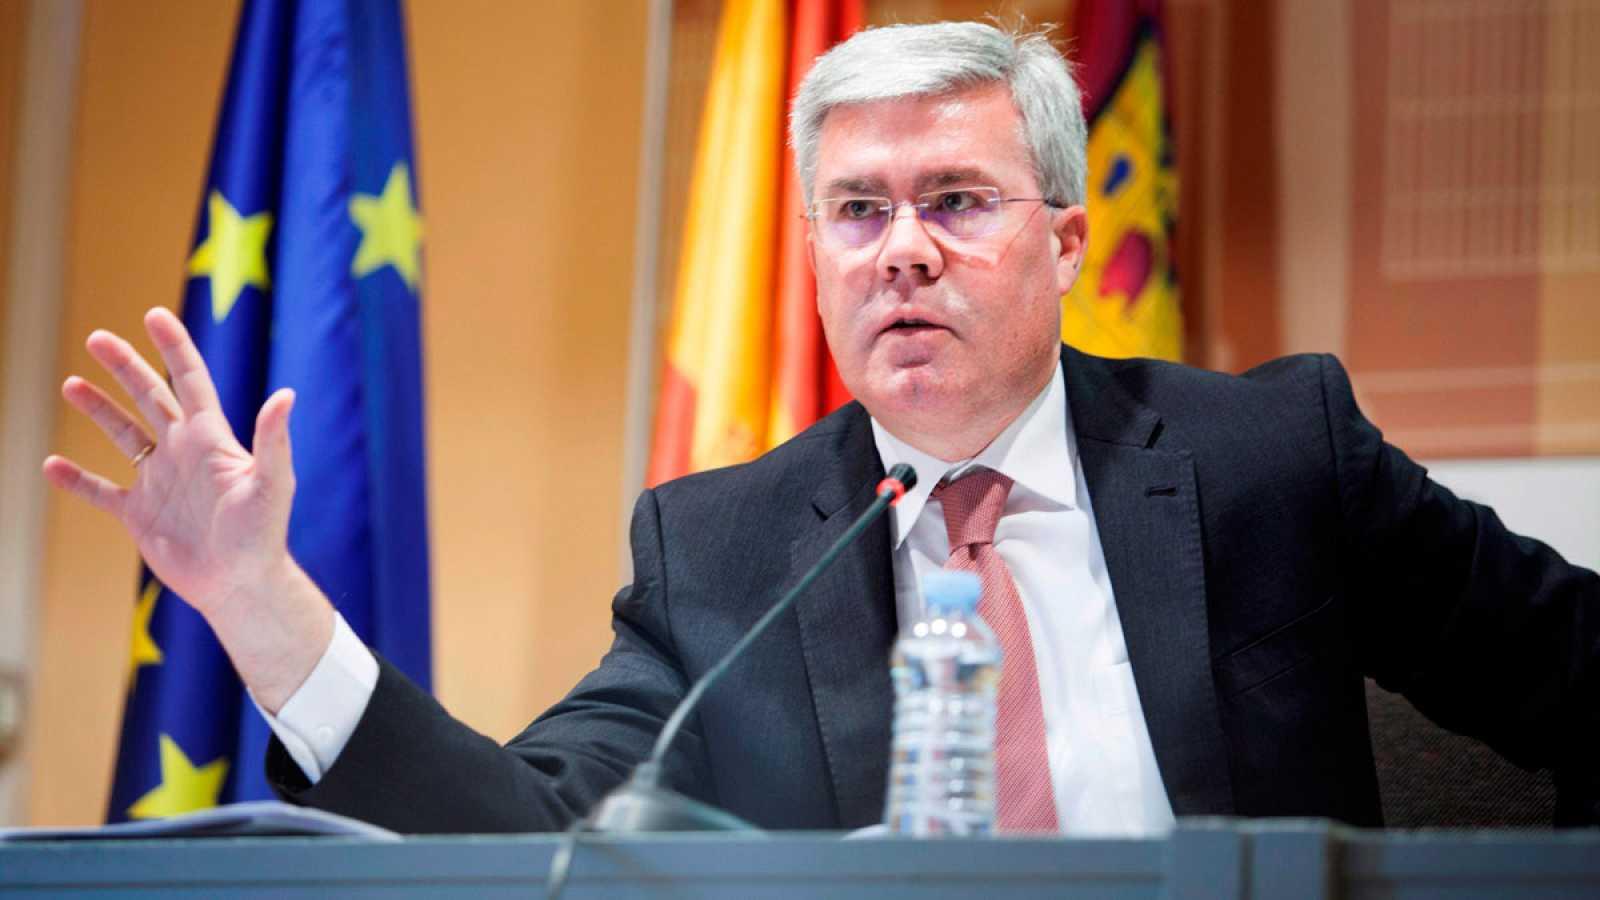 Resultado de imagen de El número dos de Hacienda, imputado por falsedad y malversación cuando era alcalde de Jaén